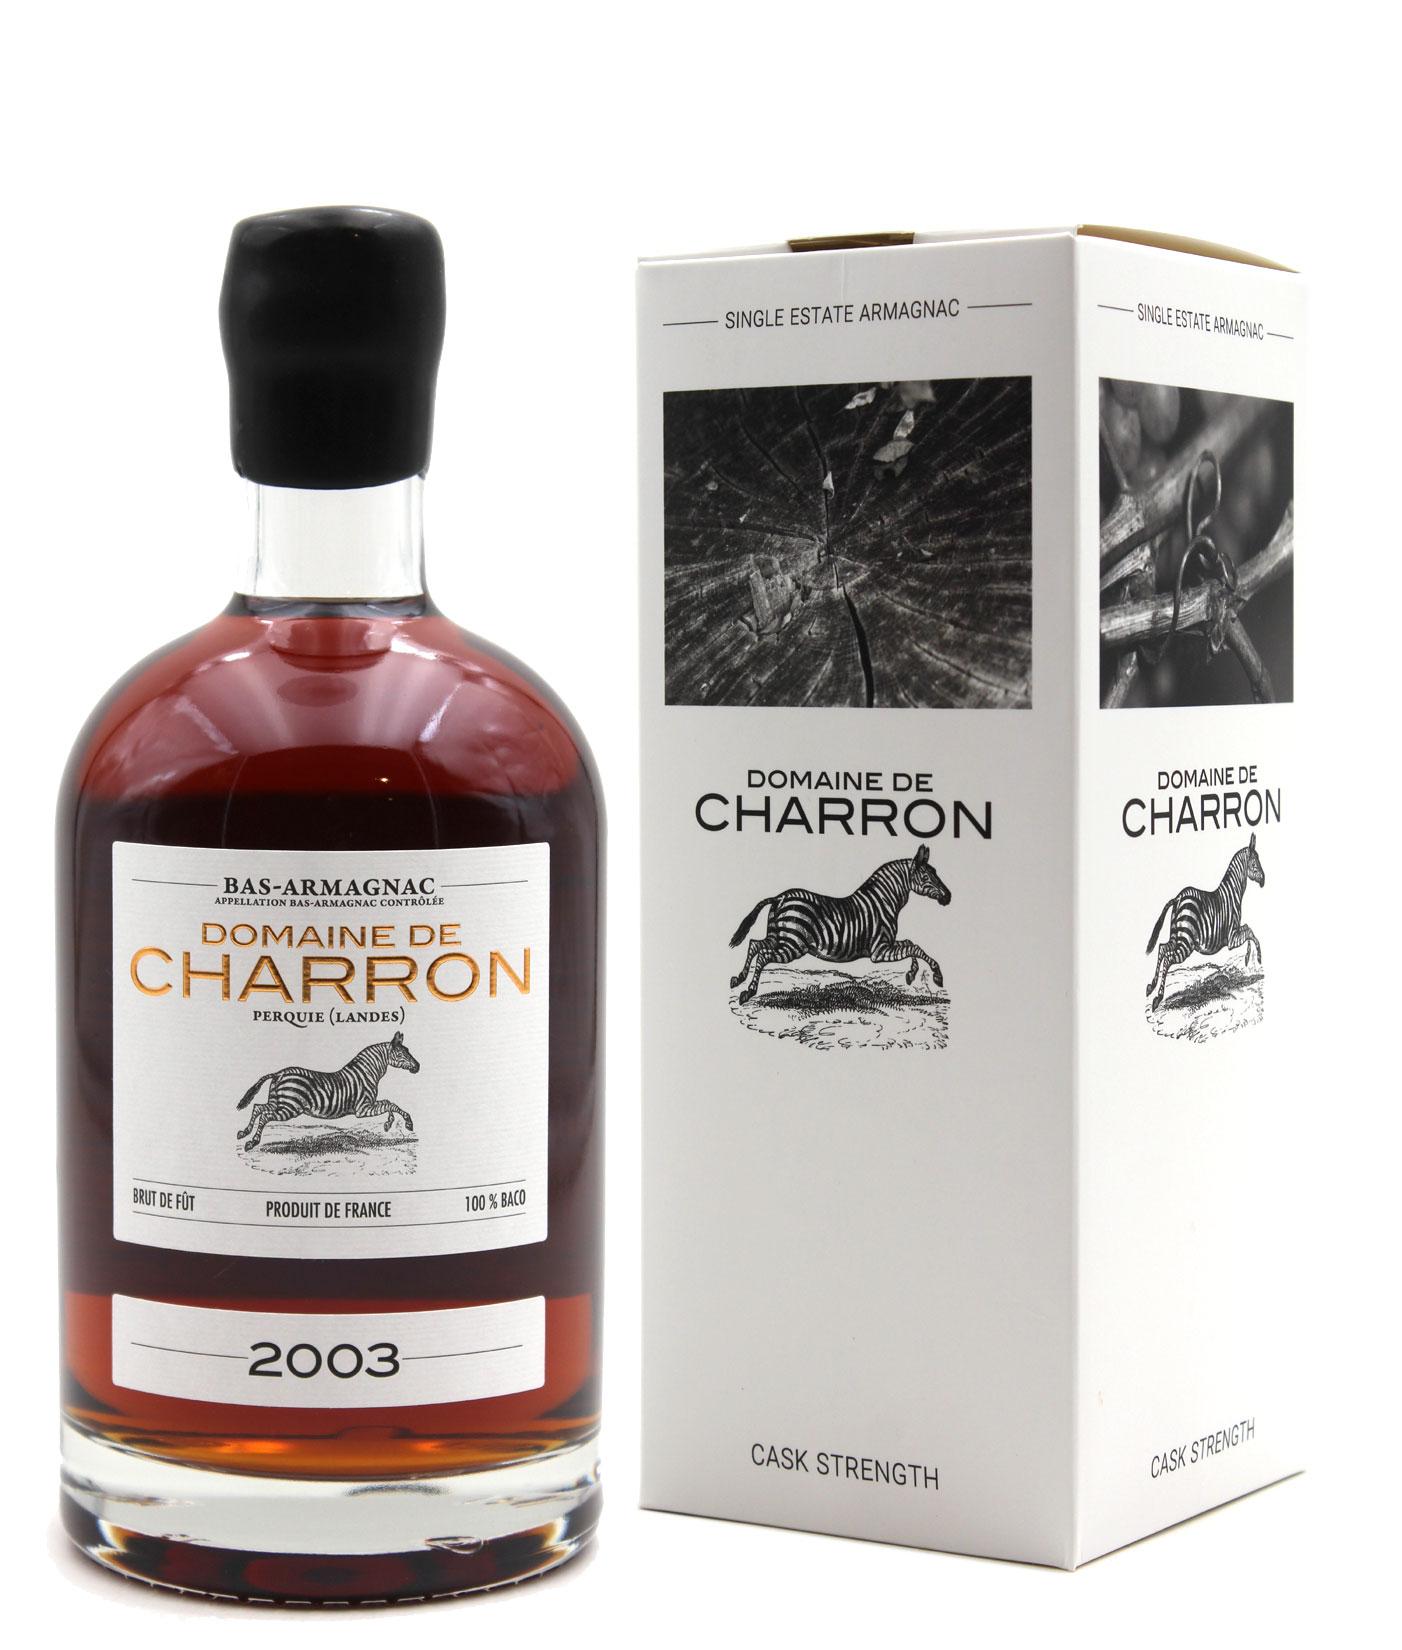 Bas Armagnac Domaine de Charron 2003  - 70cl